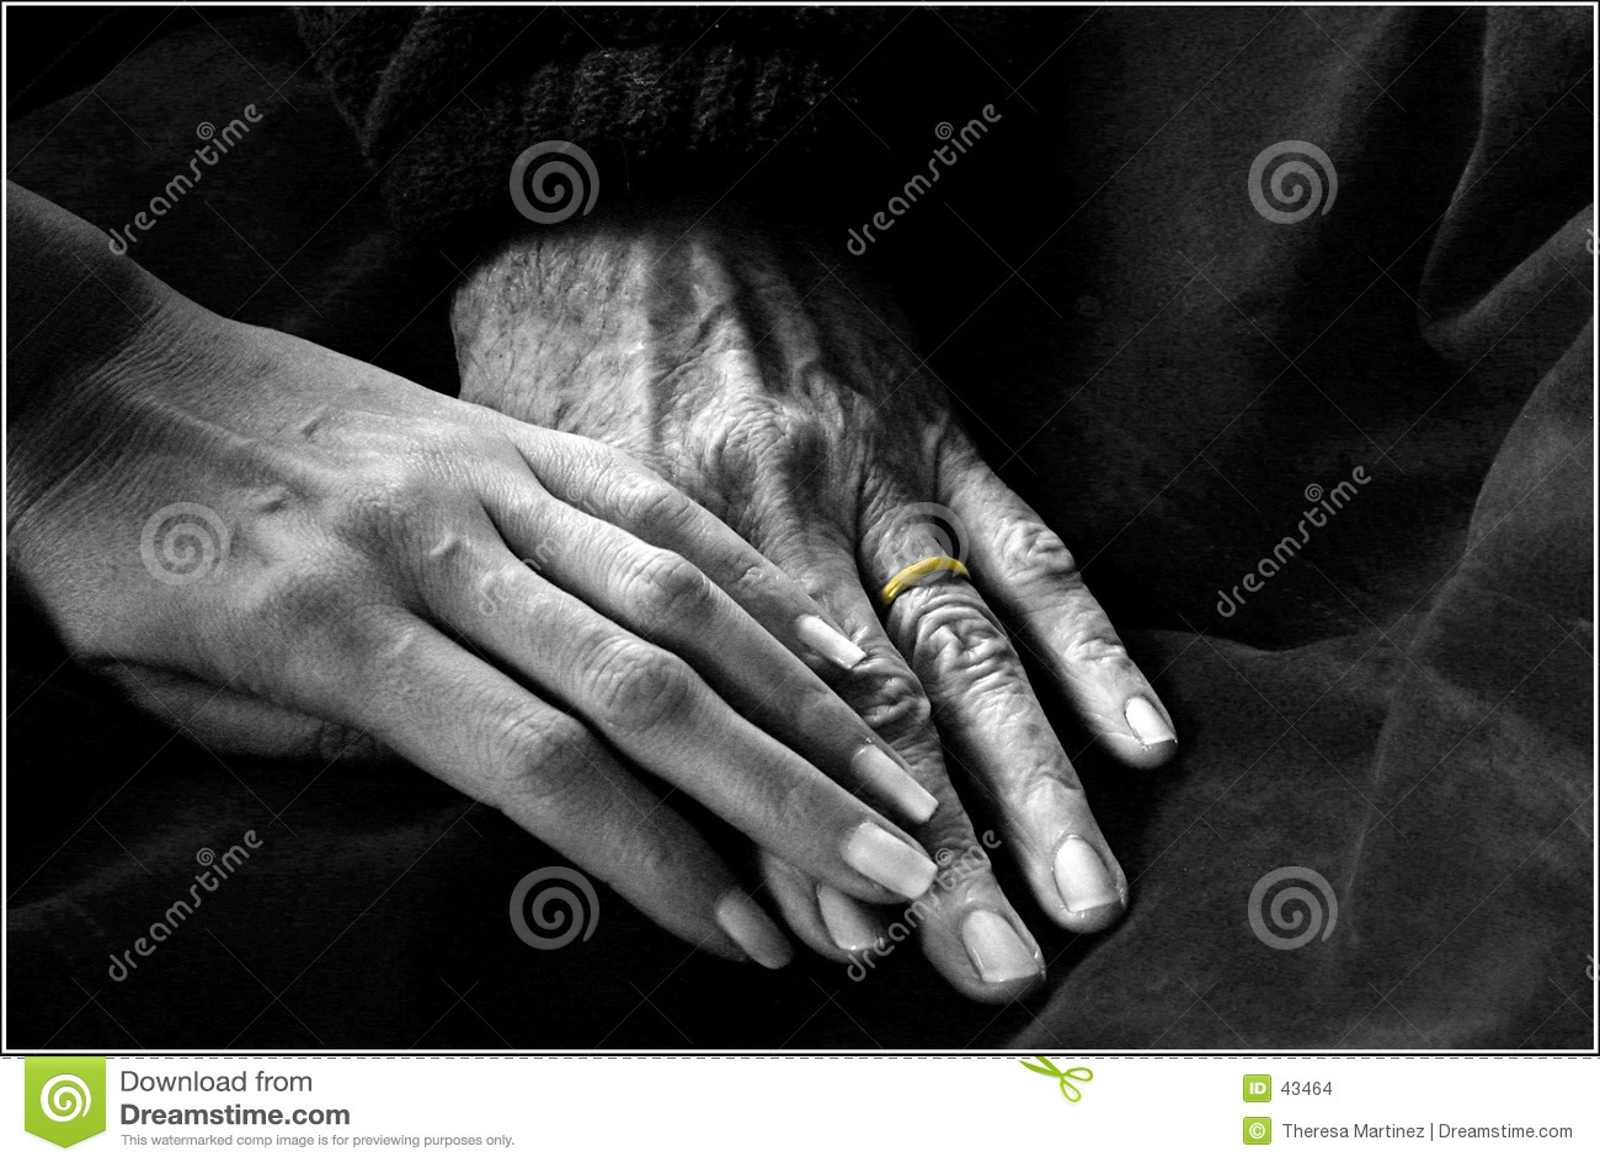 Download Mutter und Tochter stockfoto. Bild von anschluß, frauen - 43464